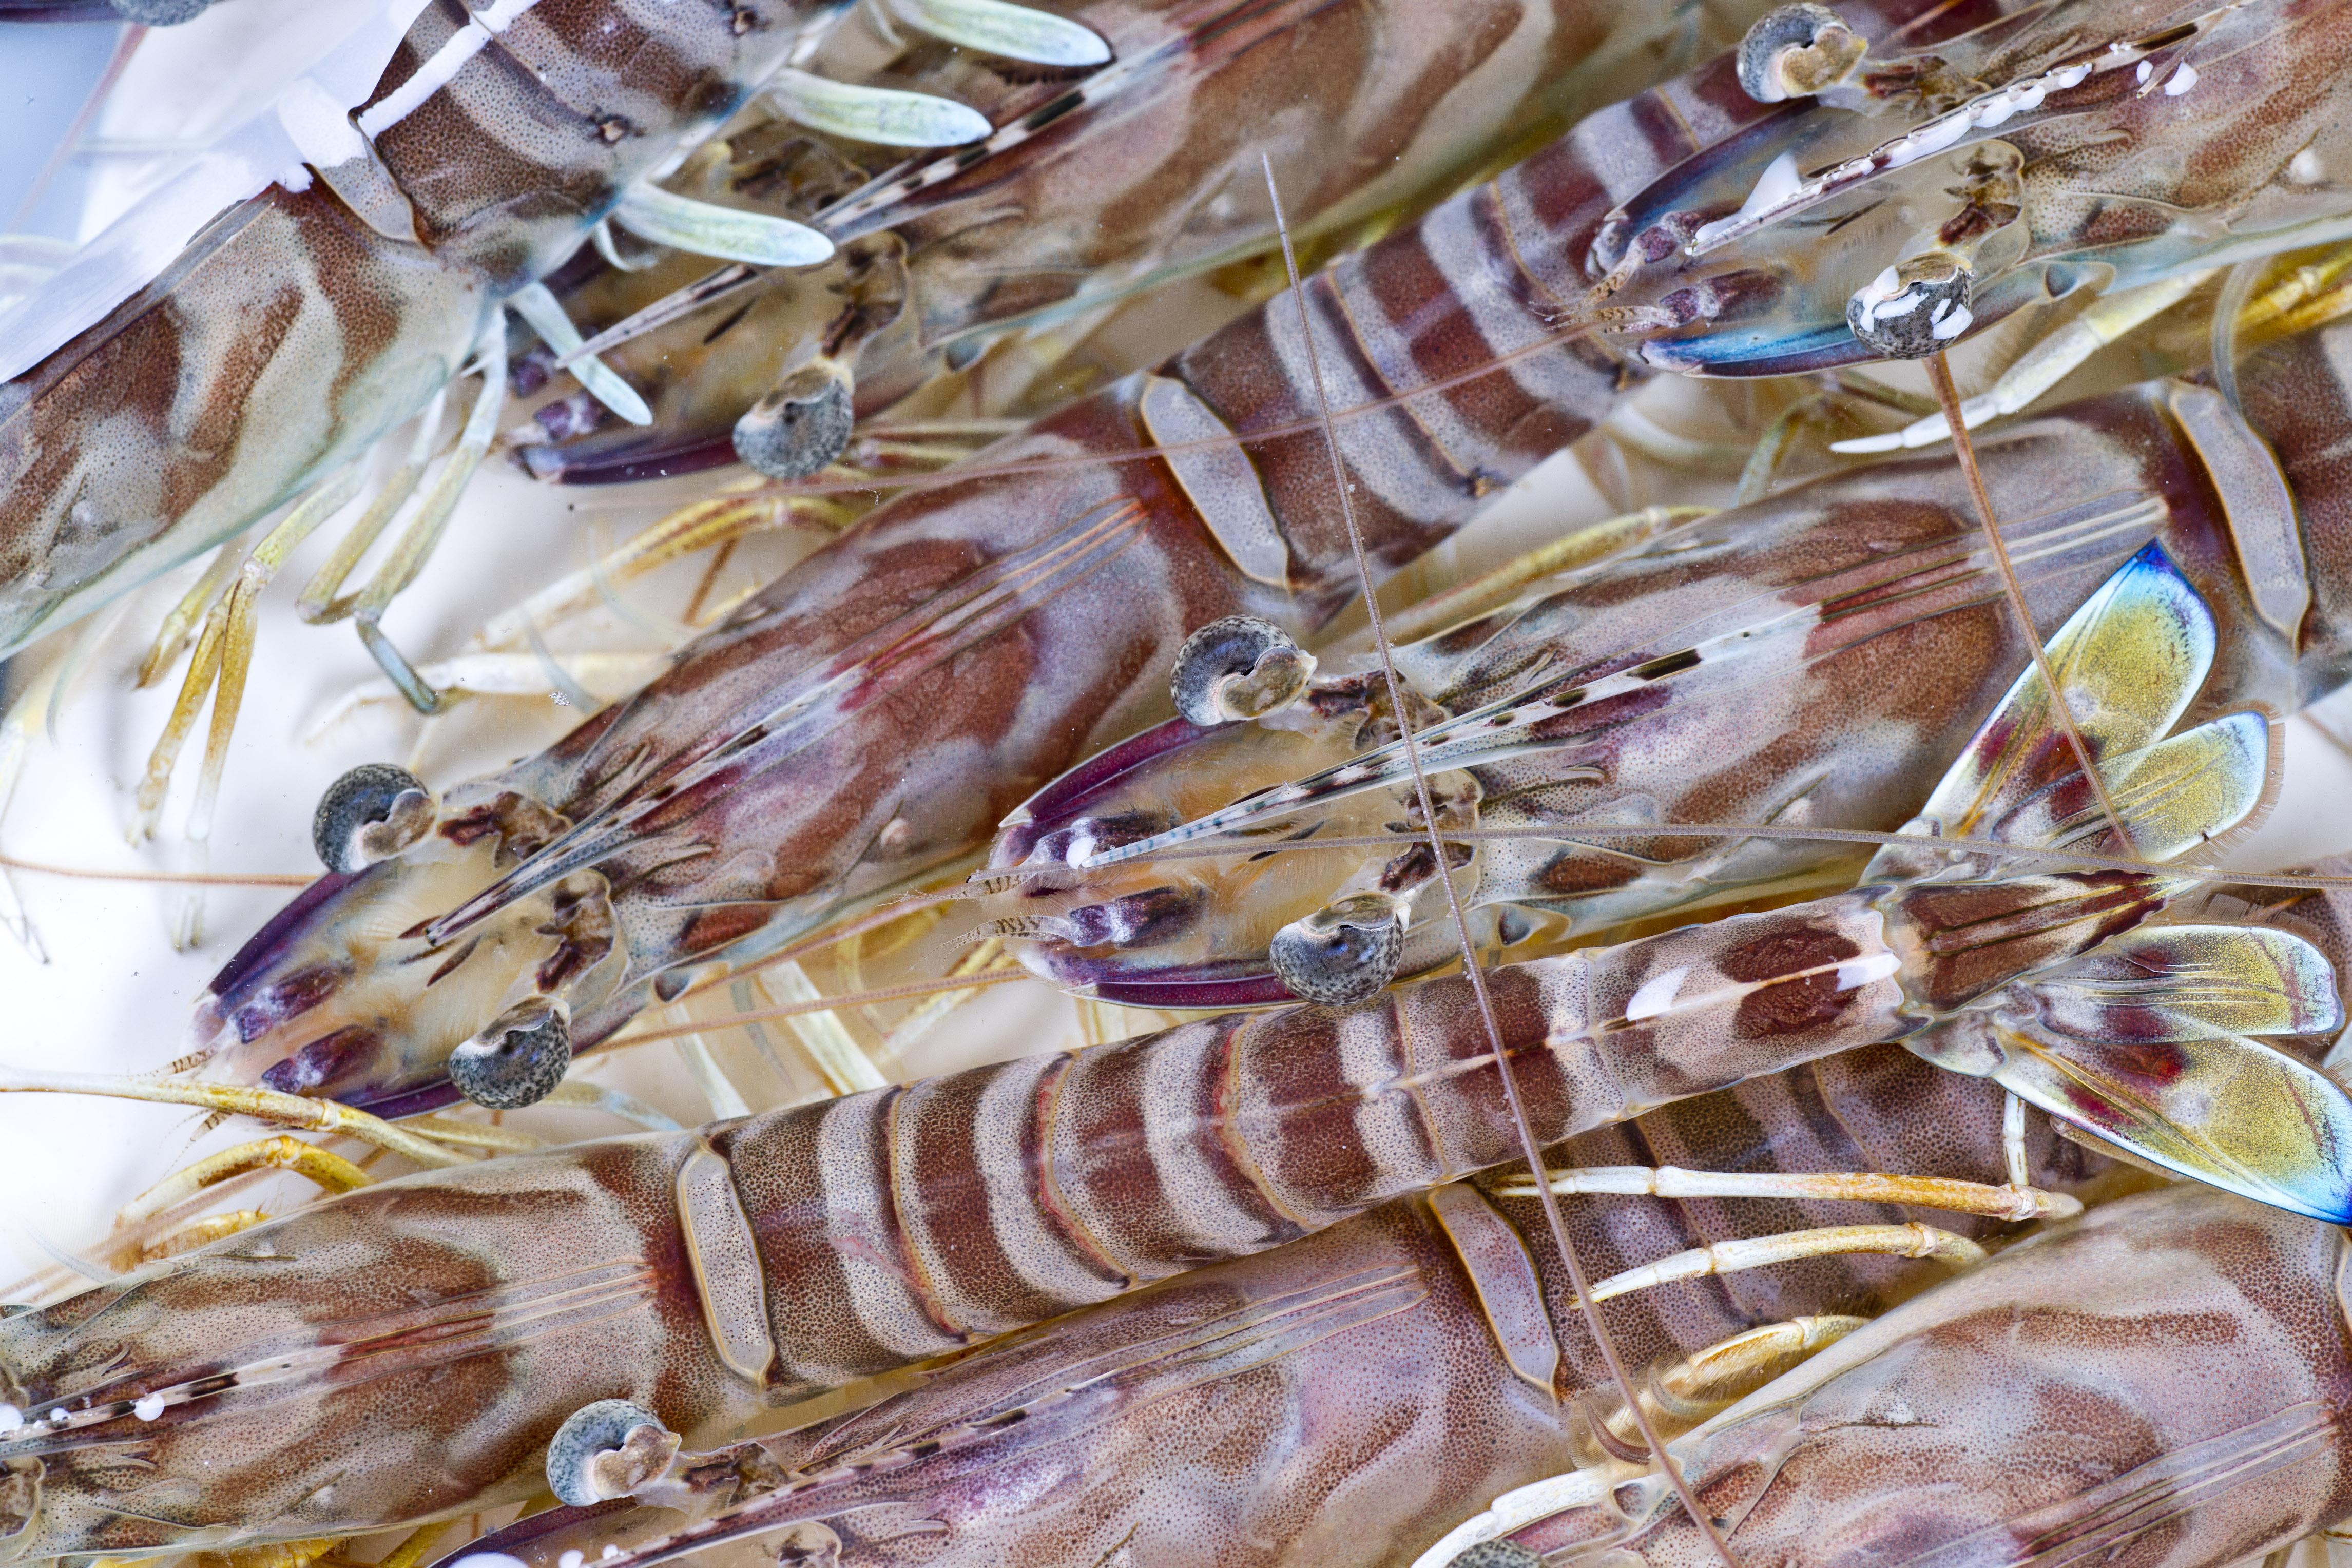 Imperial prawns form Marais Charentais